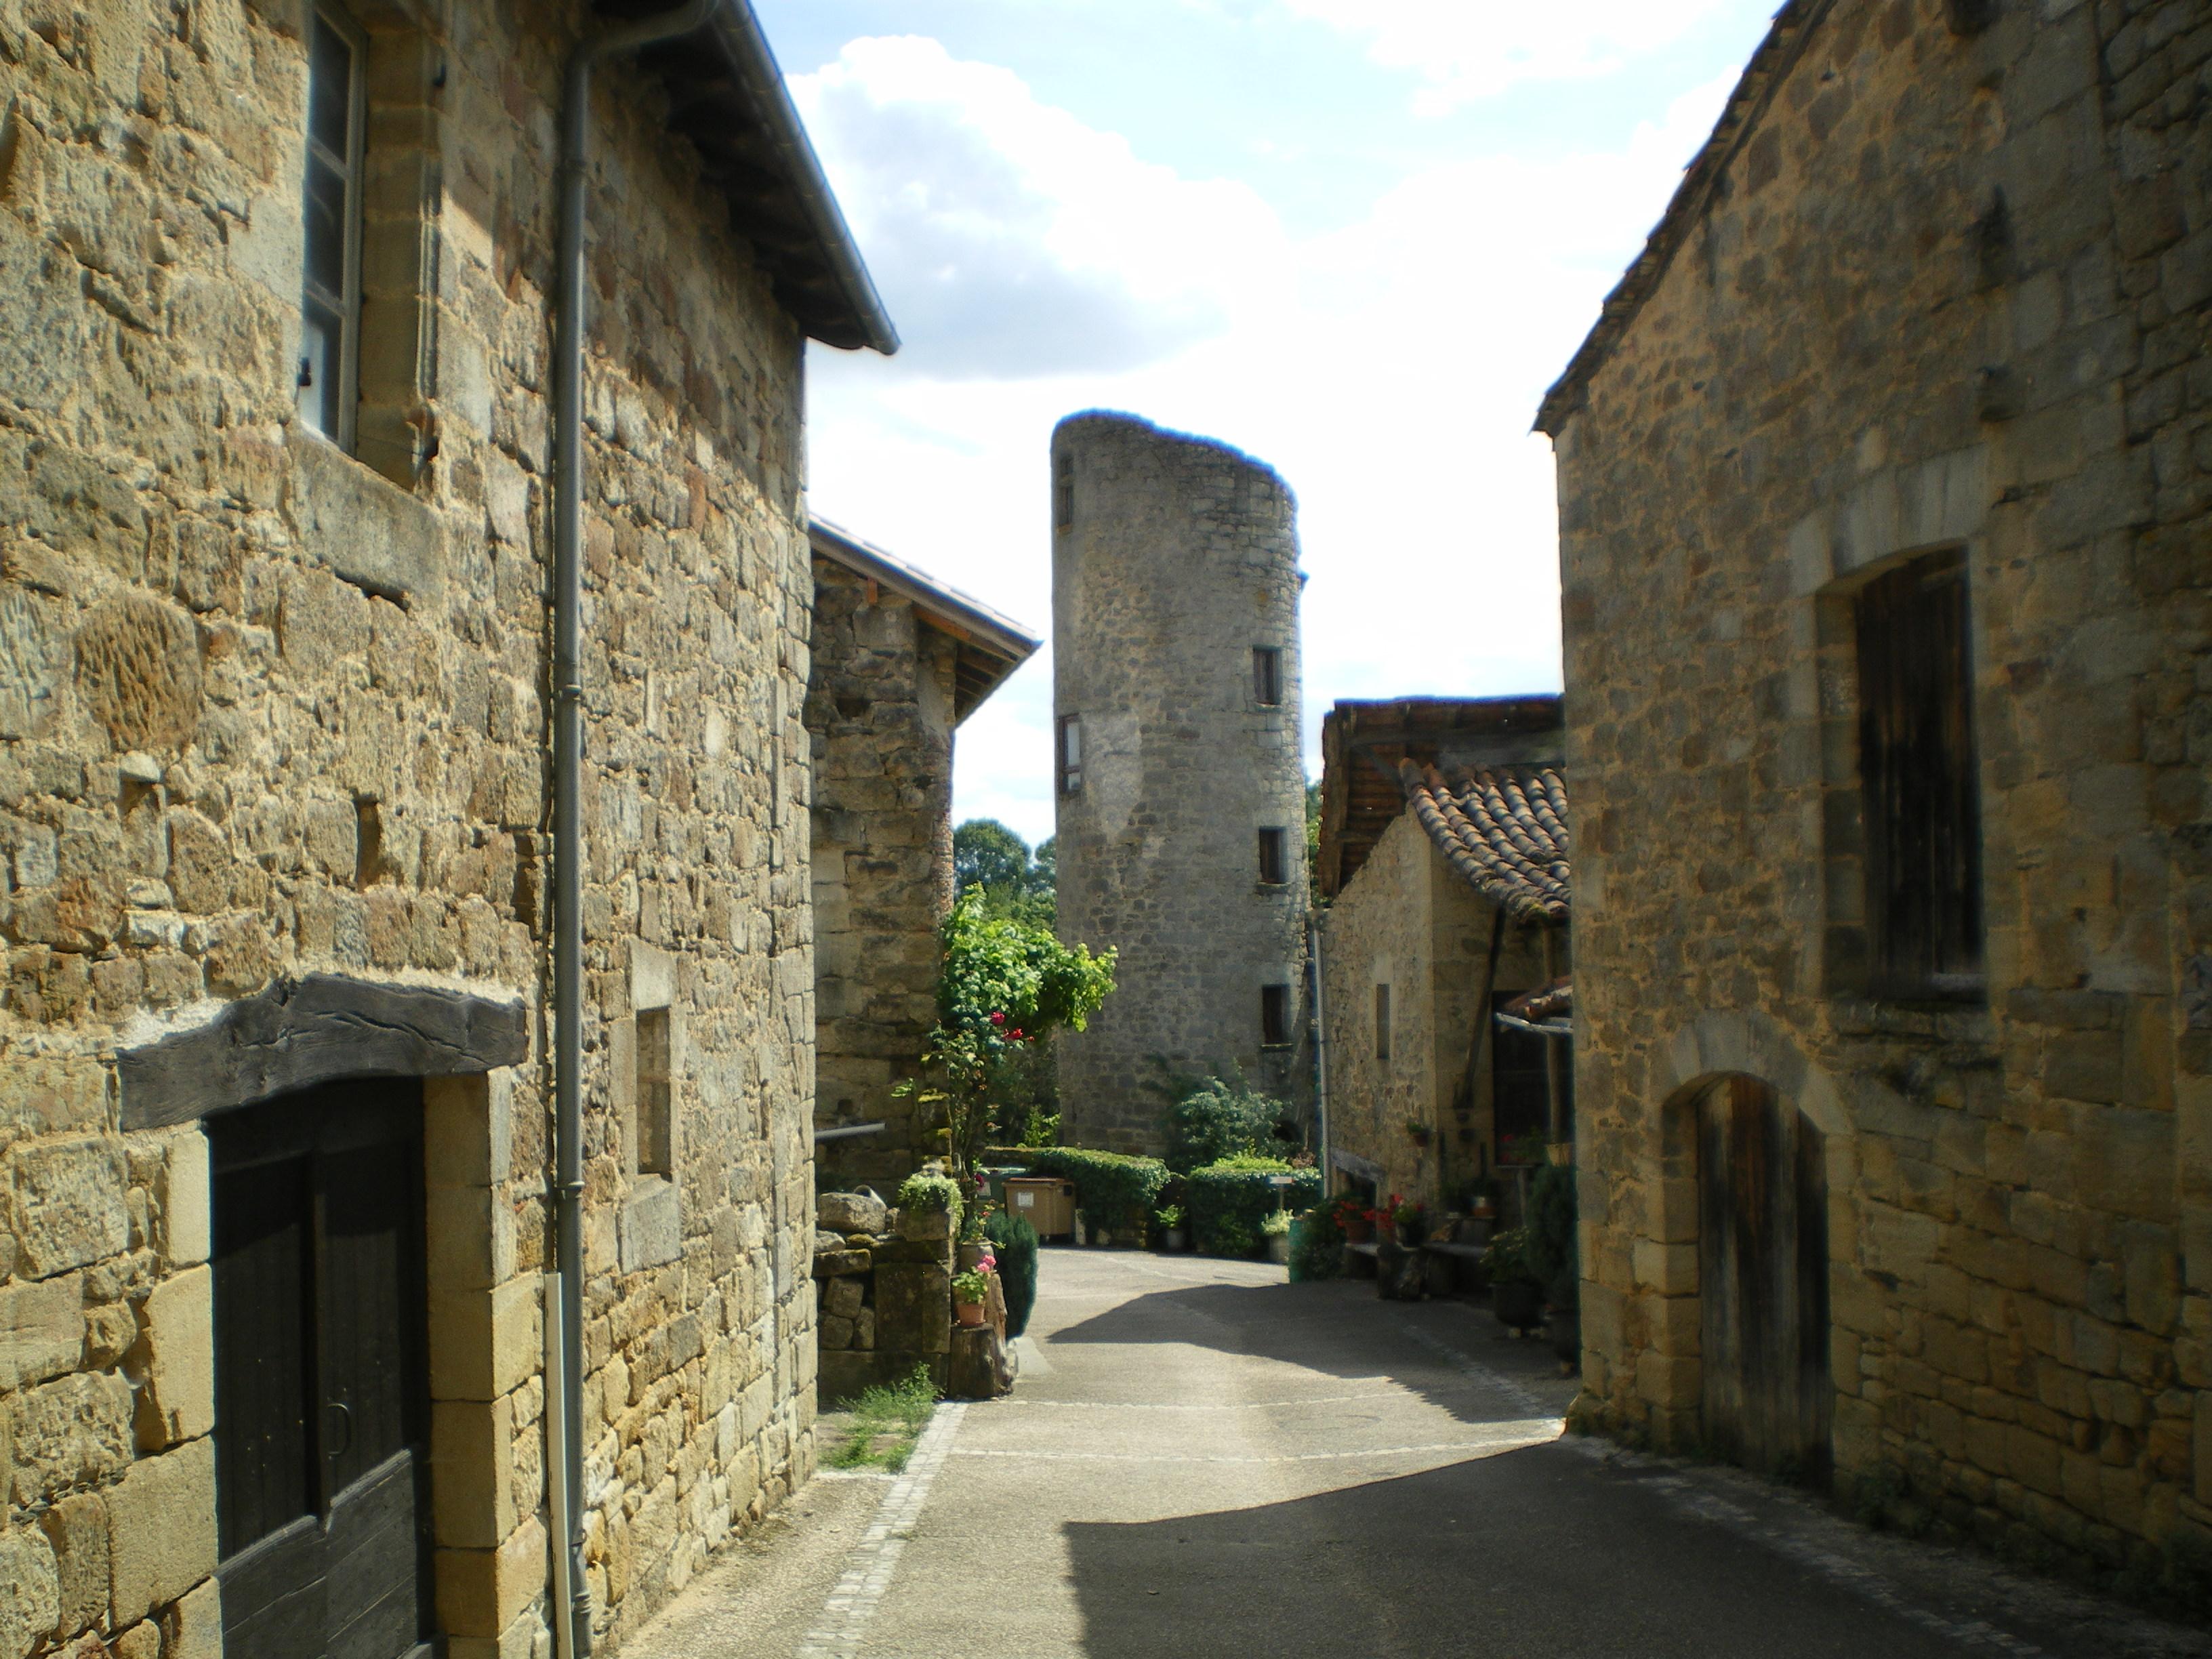 890-cardaillac-plus-beaux-villages-de-france-lot.jpg